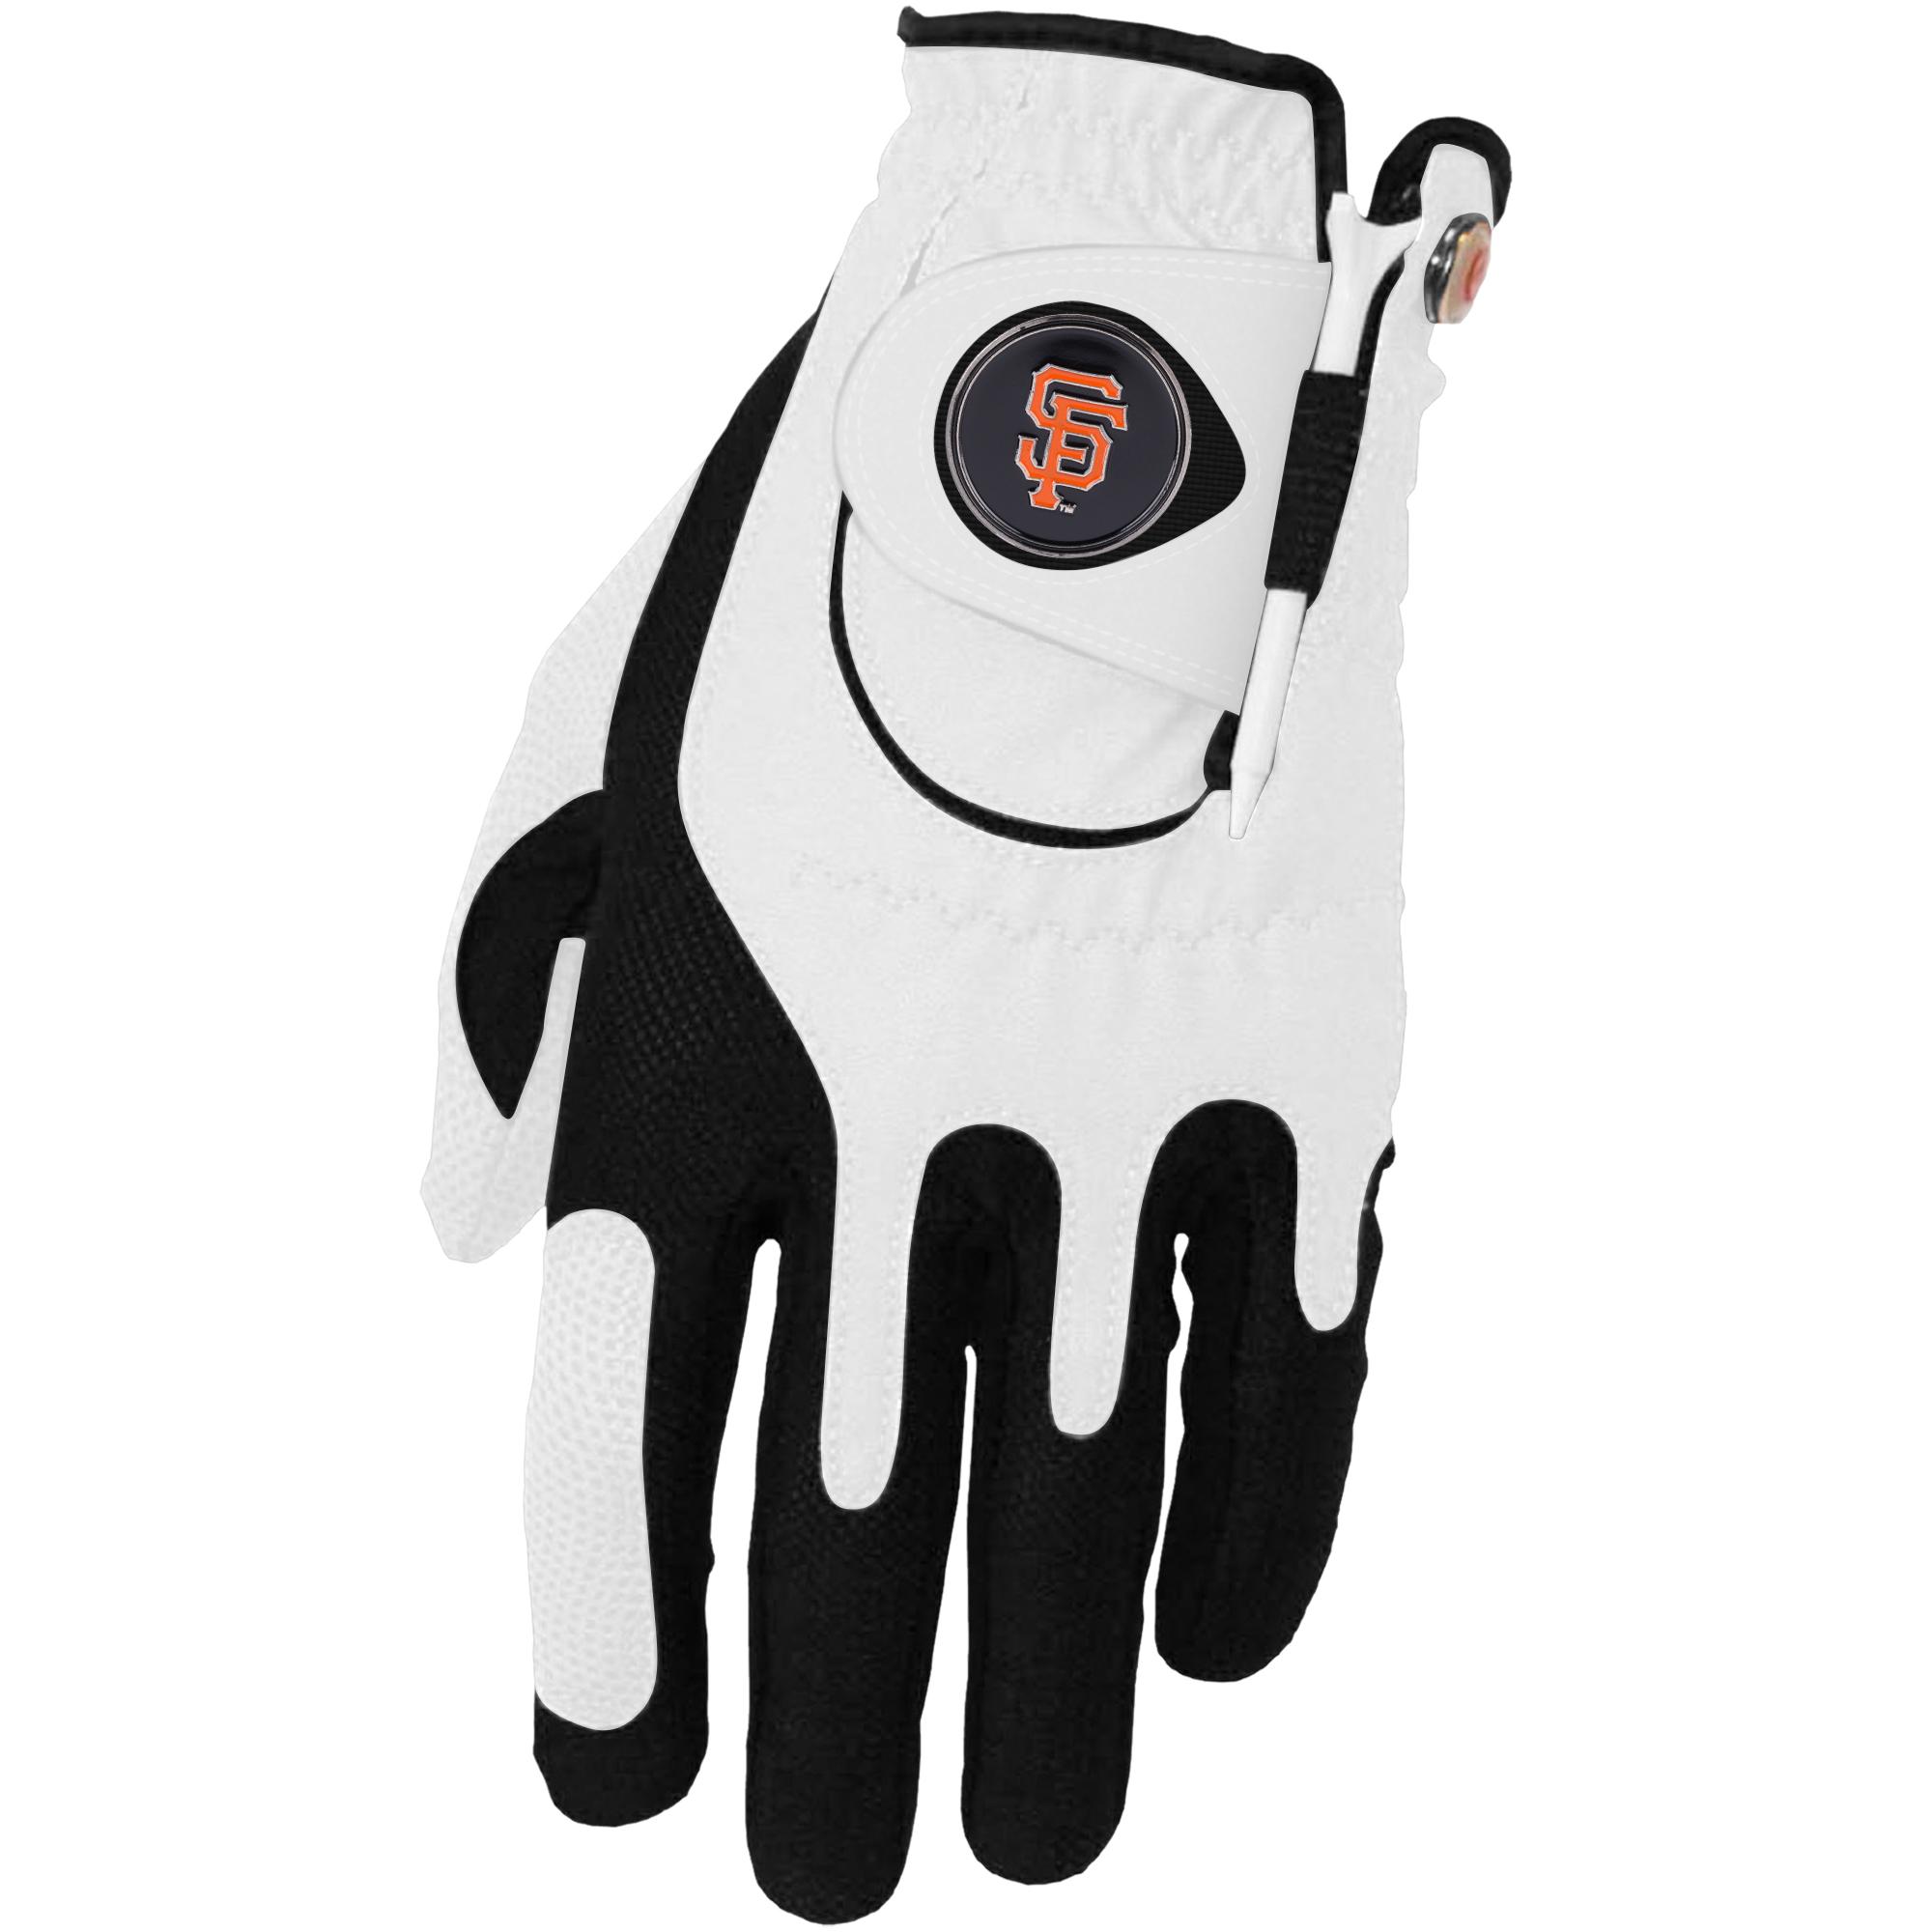 San Francisco Giants Left Hand Golf Glove & Ball Marker Set - White - OSFM